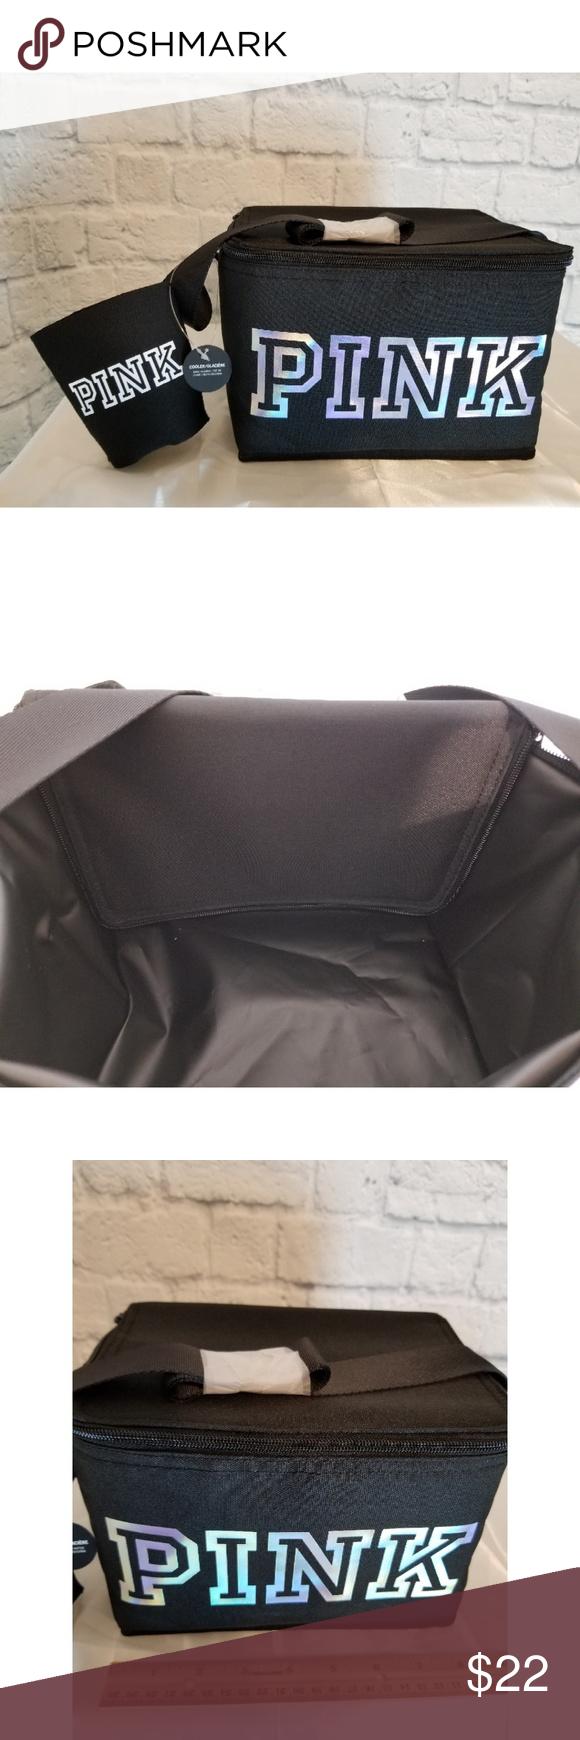 48f88b54b7500 Victoria's Secret PINK 2018 Black Logo Cooler Bag! A New Victoria ...